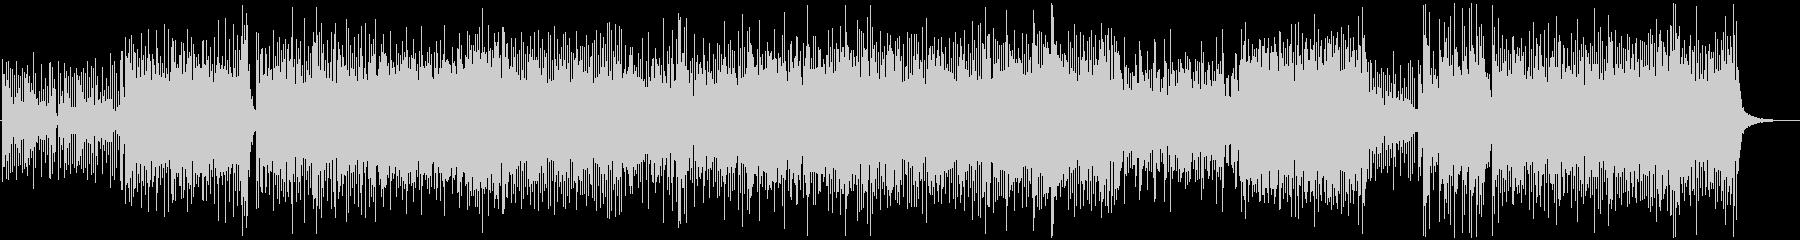 和風、三味線メタル2、激しい(声入り)Aの未再生の波形